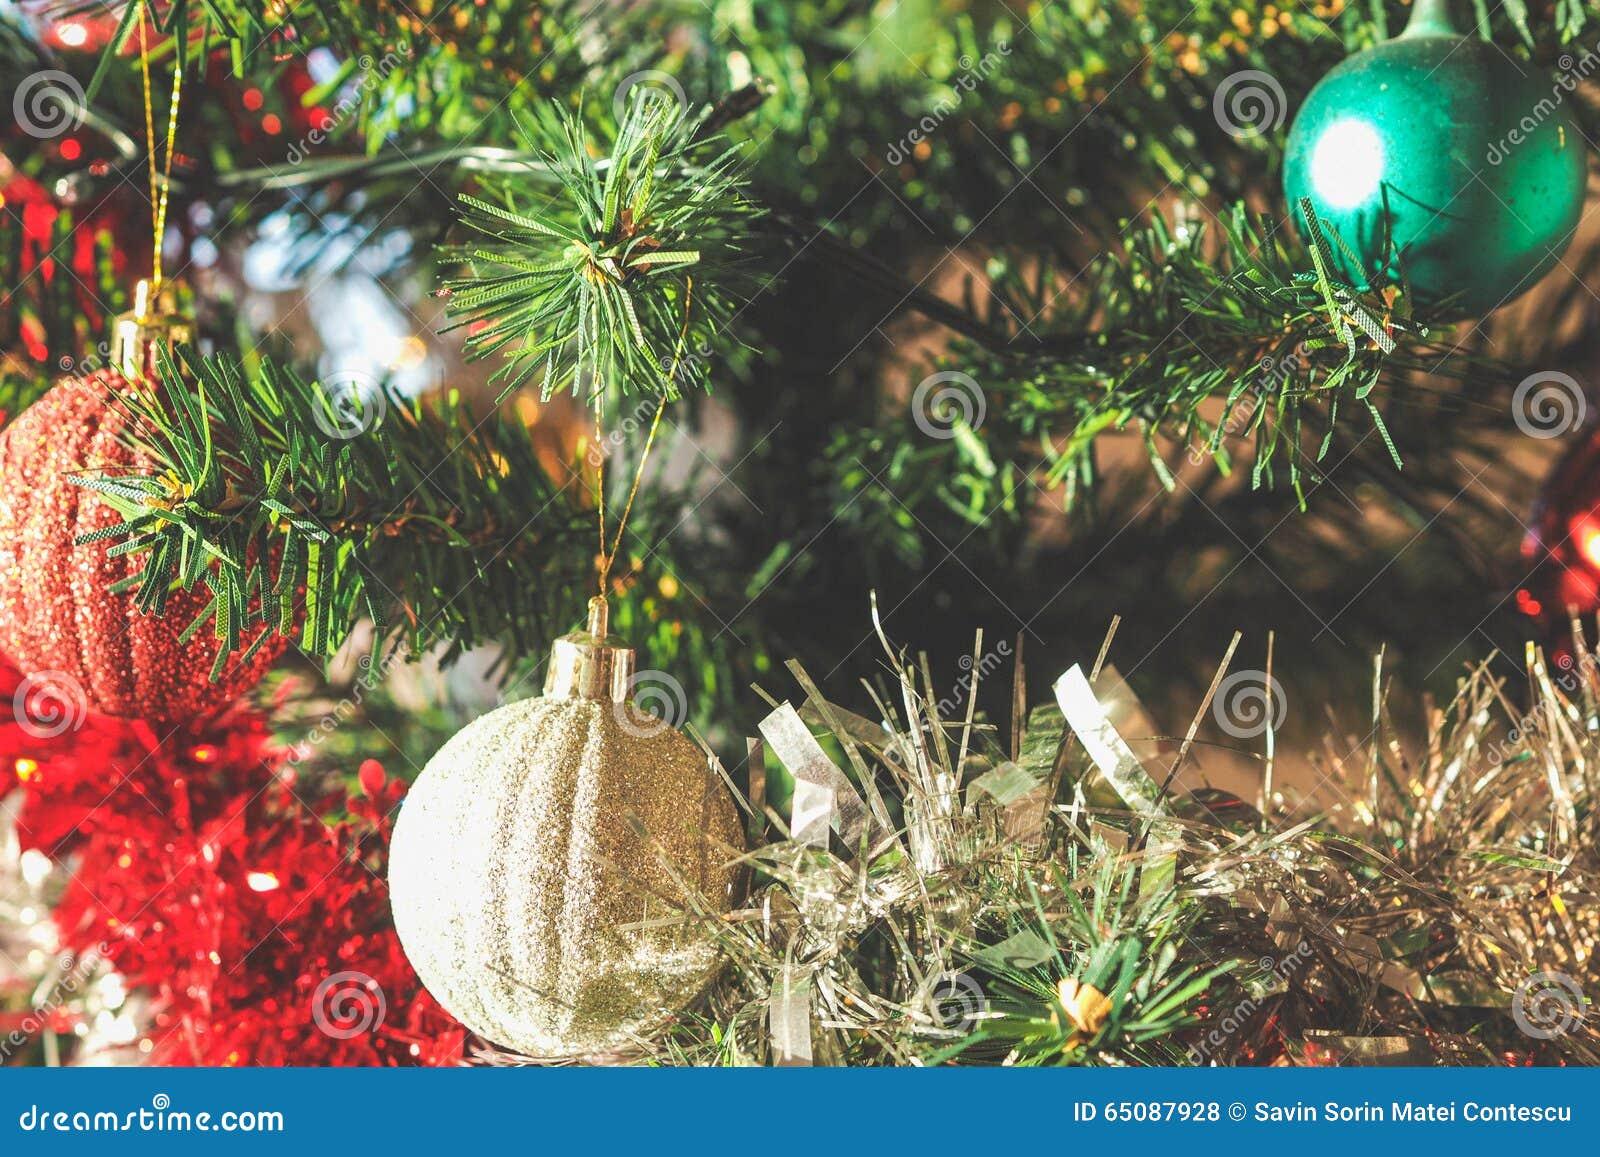 Decoraciones pl sticas del rbol de navidad foto de - Decoraciones arboles de navidad ...